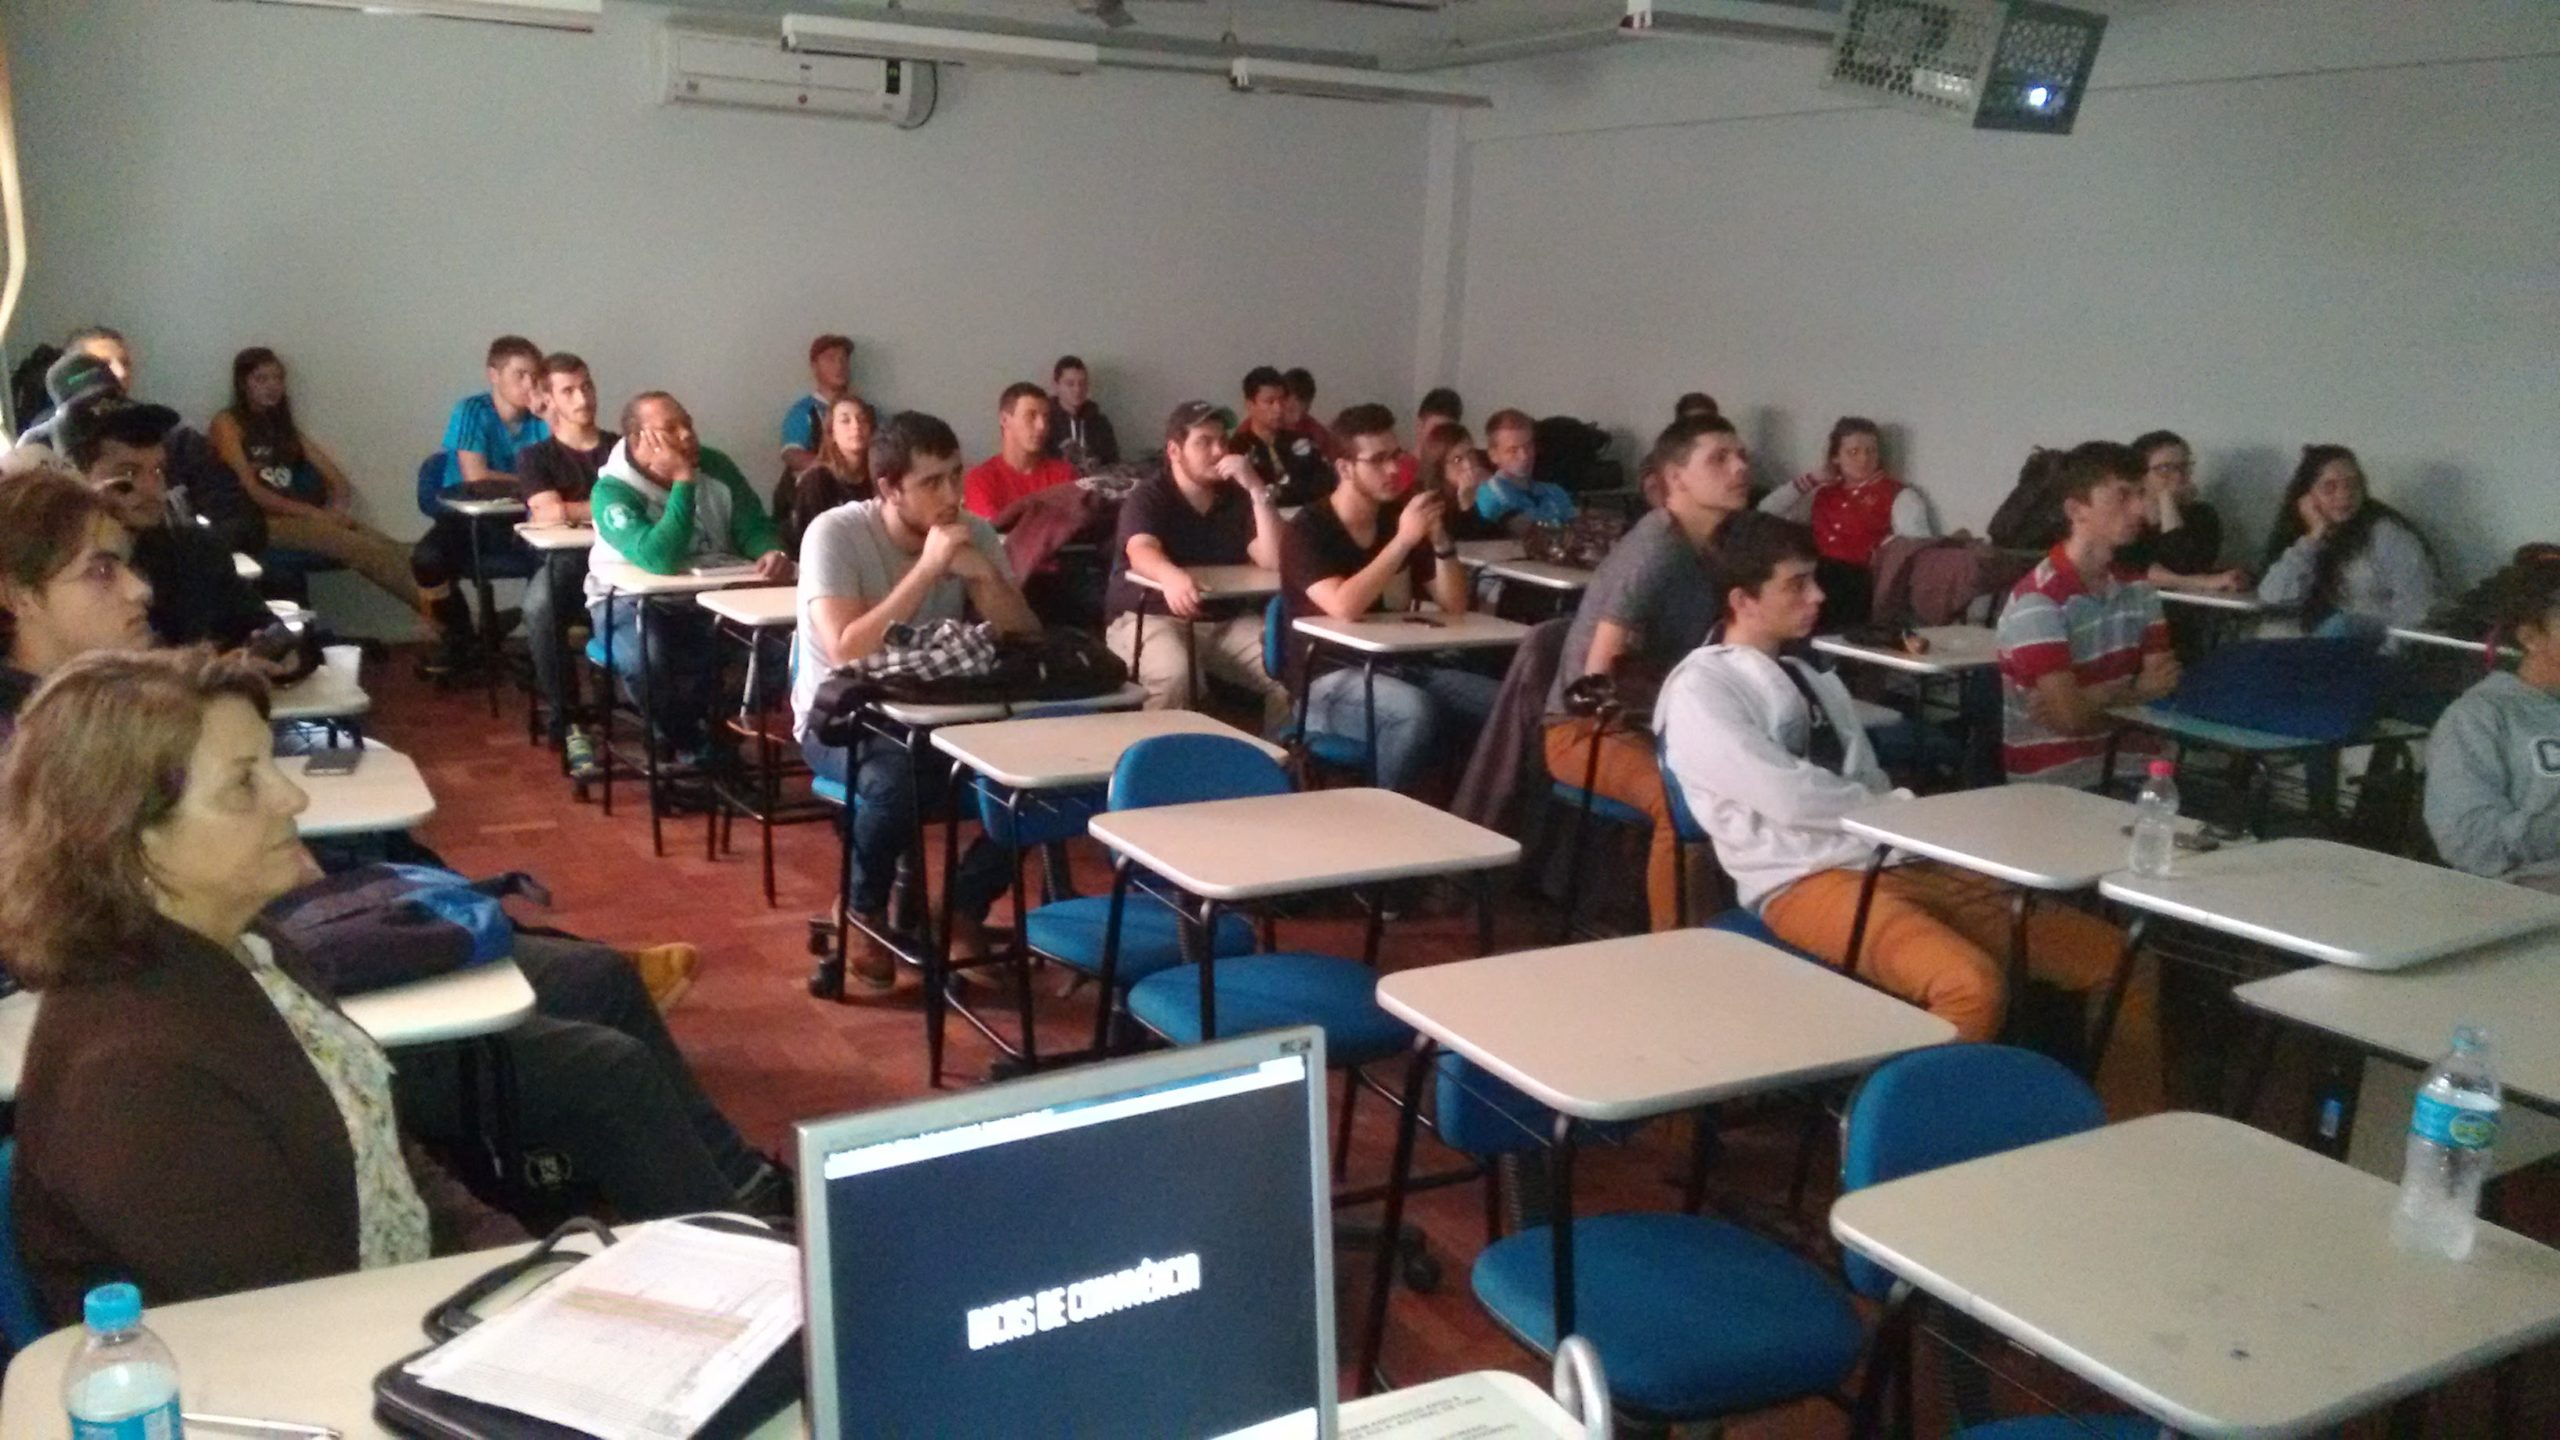 Descrição da fotografia: Alunos sentados nas cadeiras em fileiras, alguns debruçados nas classes. Todos olham na mesma direção.